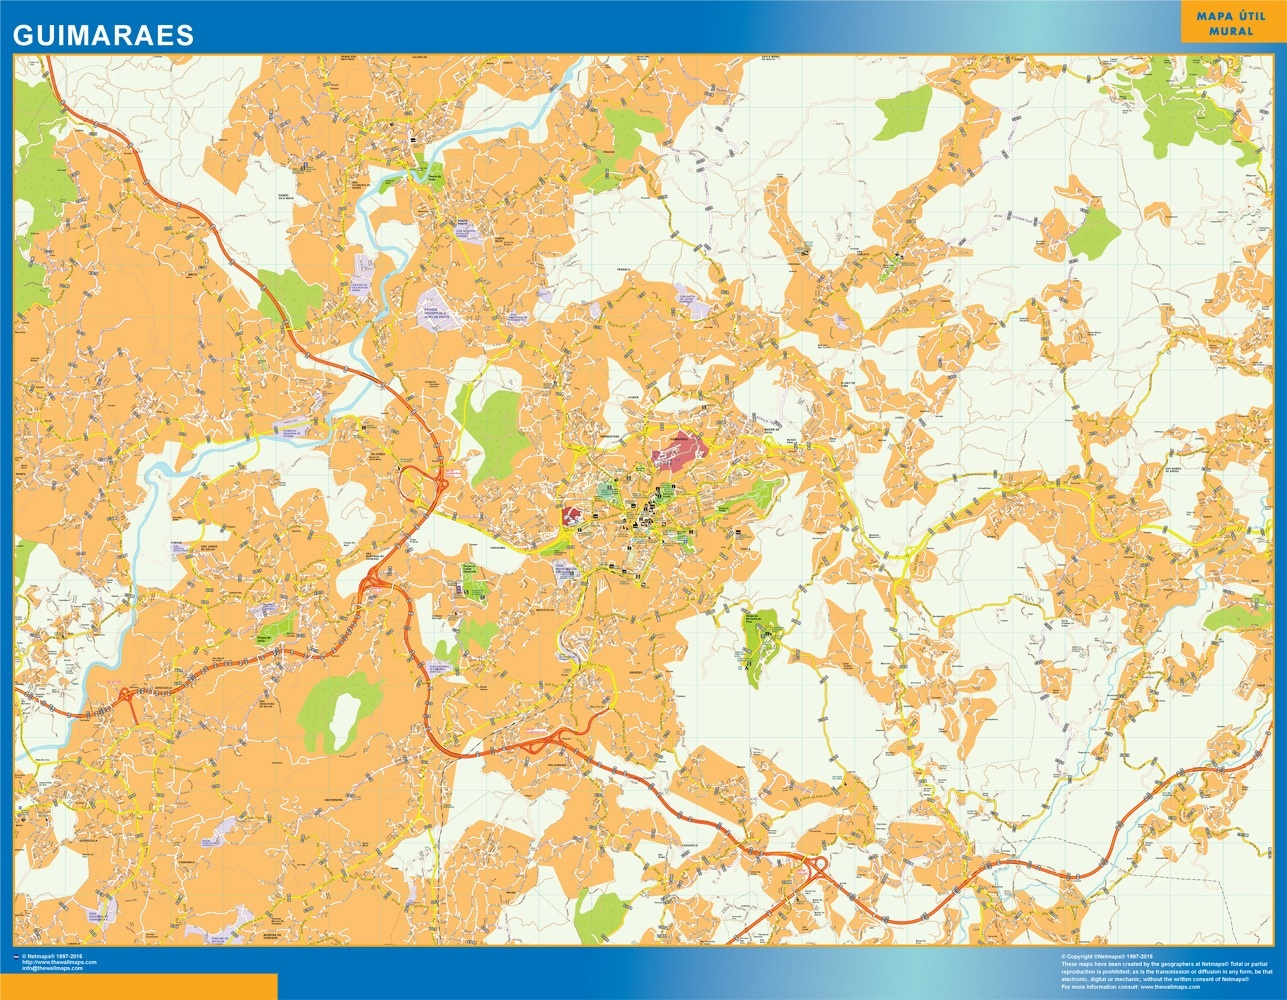 Mapa Guimaraes en Portugal plastificado gigante